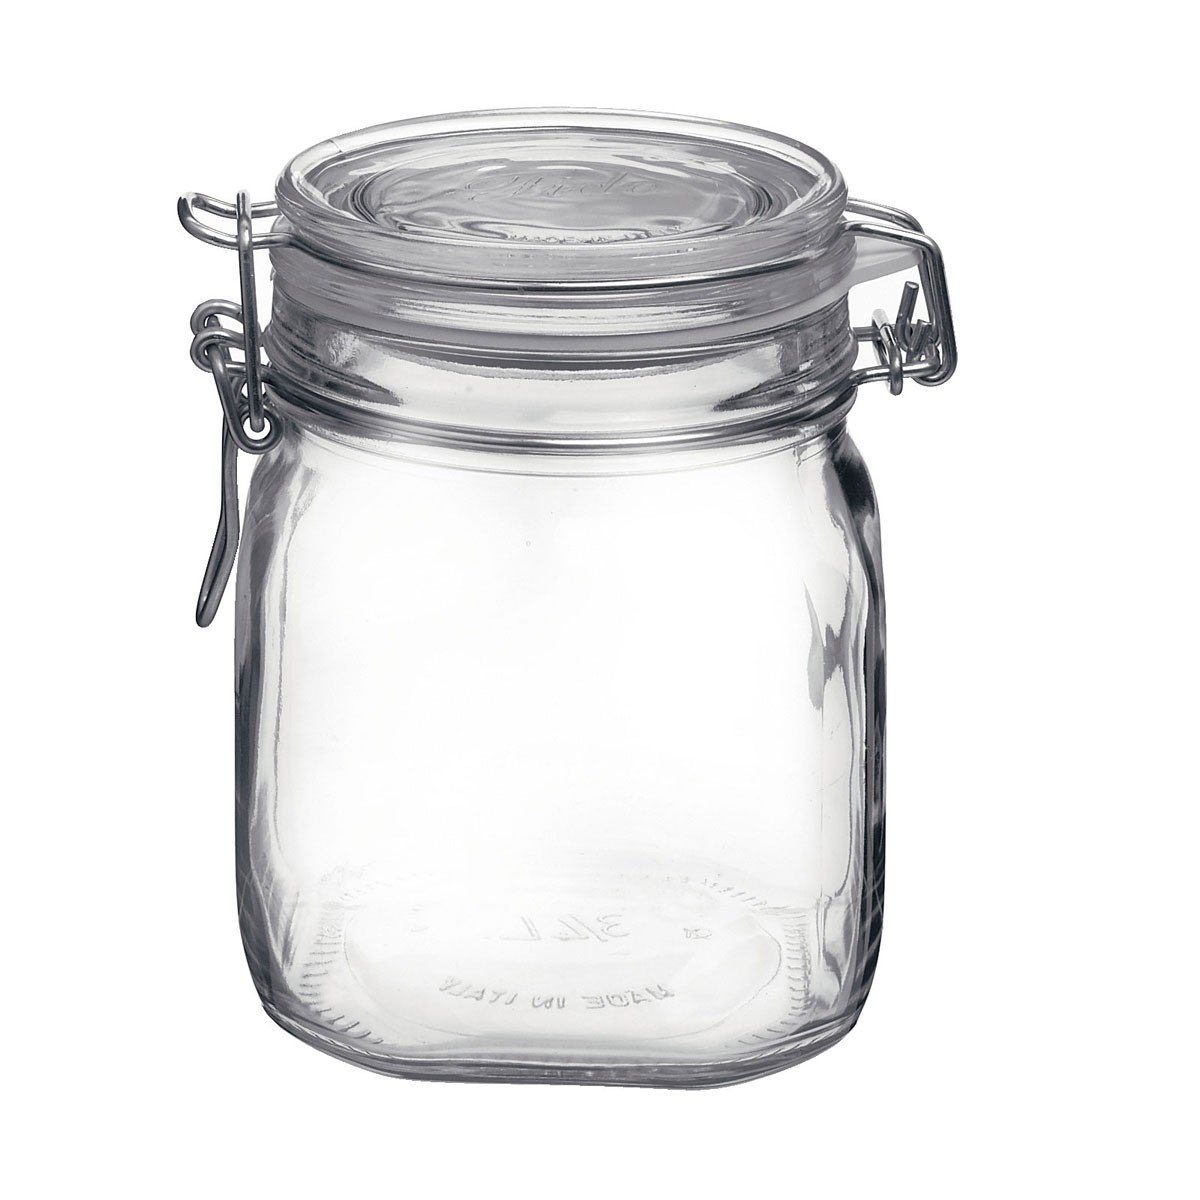 Vaso vasetto terrina in vetro per conserve anche per servire da 750 ml della Bormioli Rocco modello Fido chiusura ermetica confezione 6 pezzi